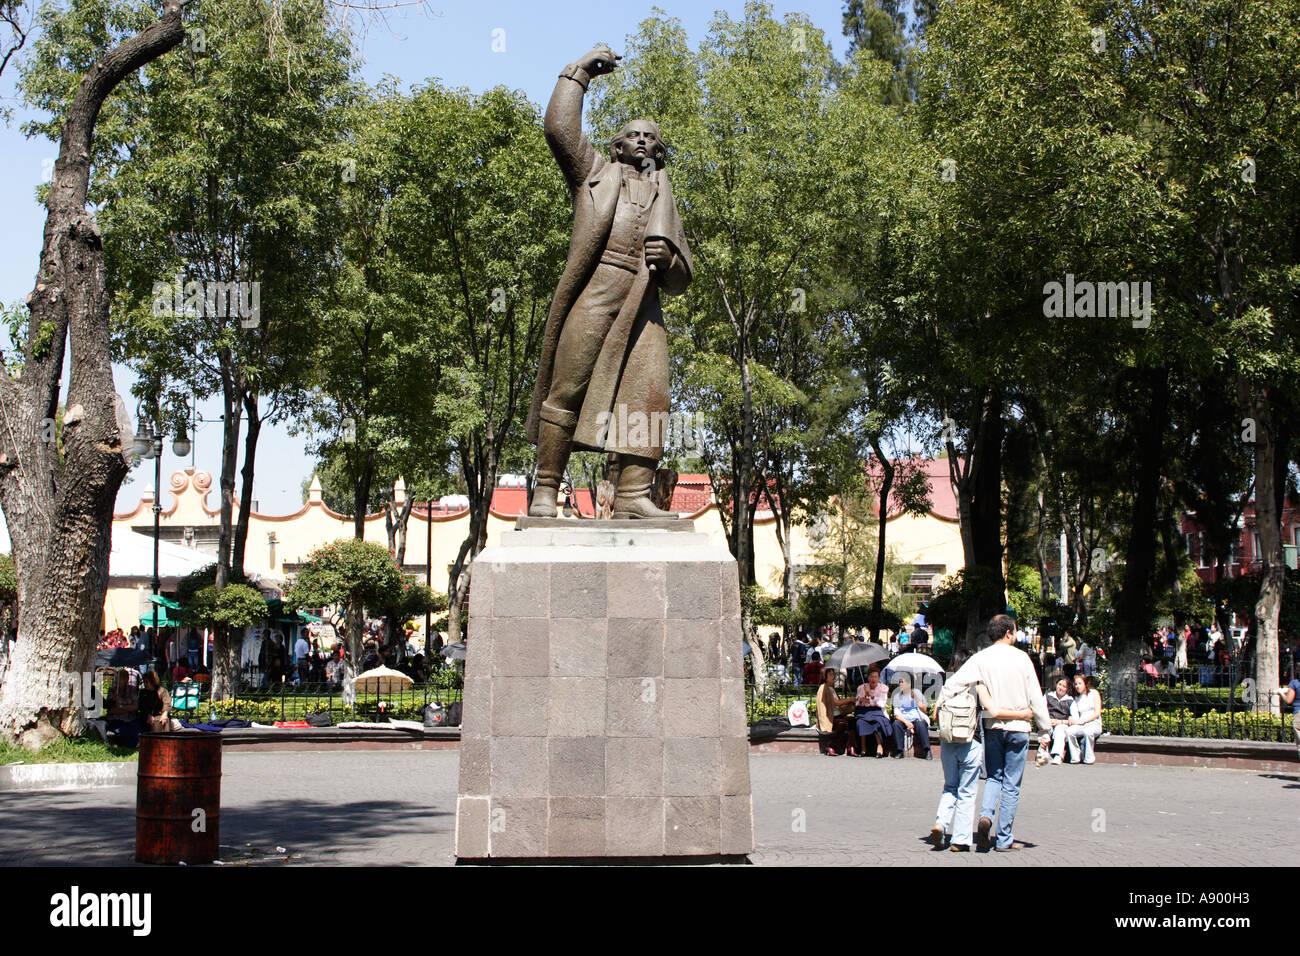 Statue Of Miguel Hidalgo In Plaza Hidalgo Coyoacan Mexico City